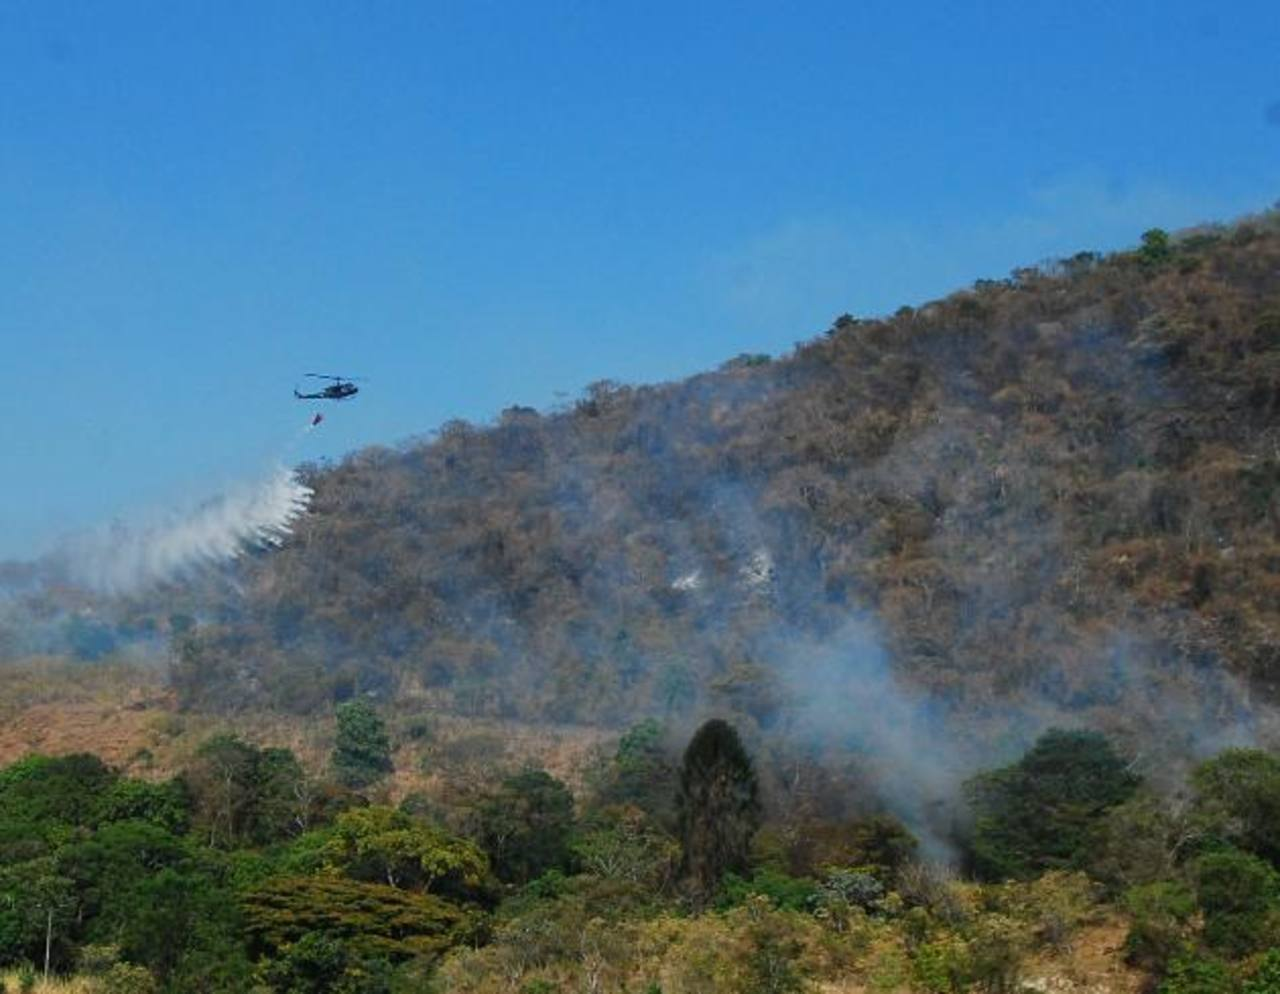 De 25 a 30 hectáreas fueron consumidas por las llamas en las faldas del cerro San Jacinto. Foto EDH / René Estrada